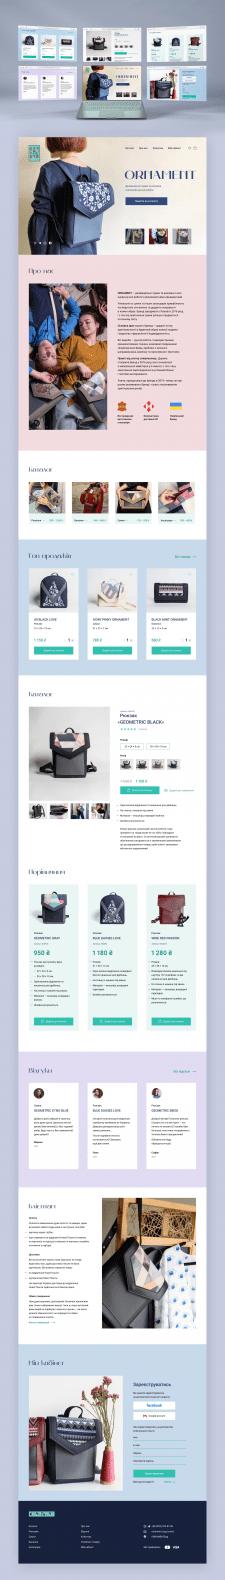 Дизайн интернет-магазина дизайнерских сумок